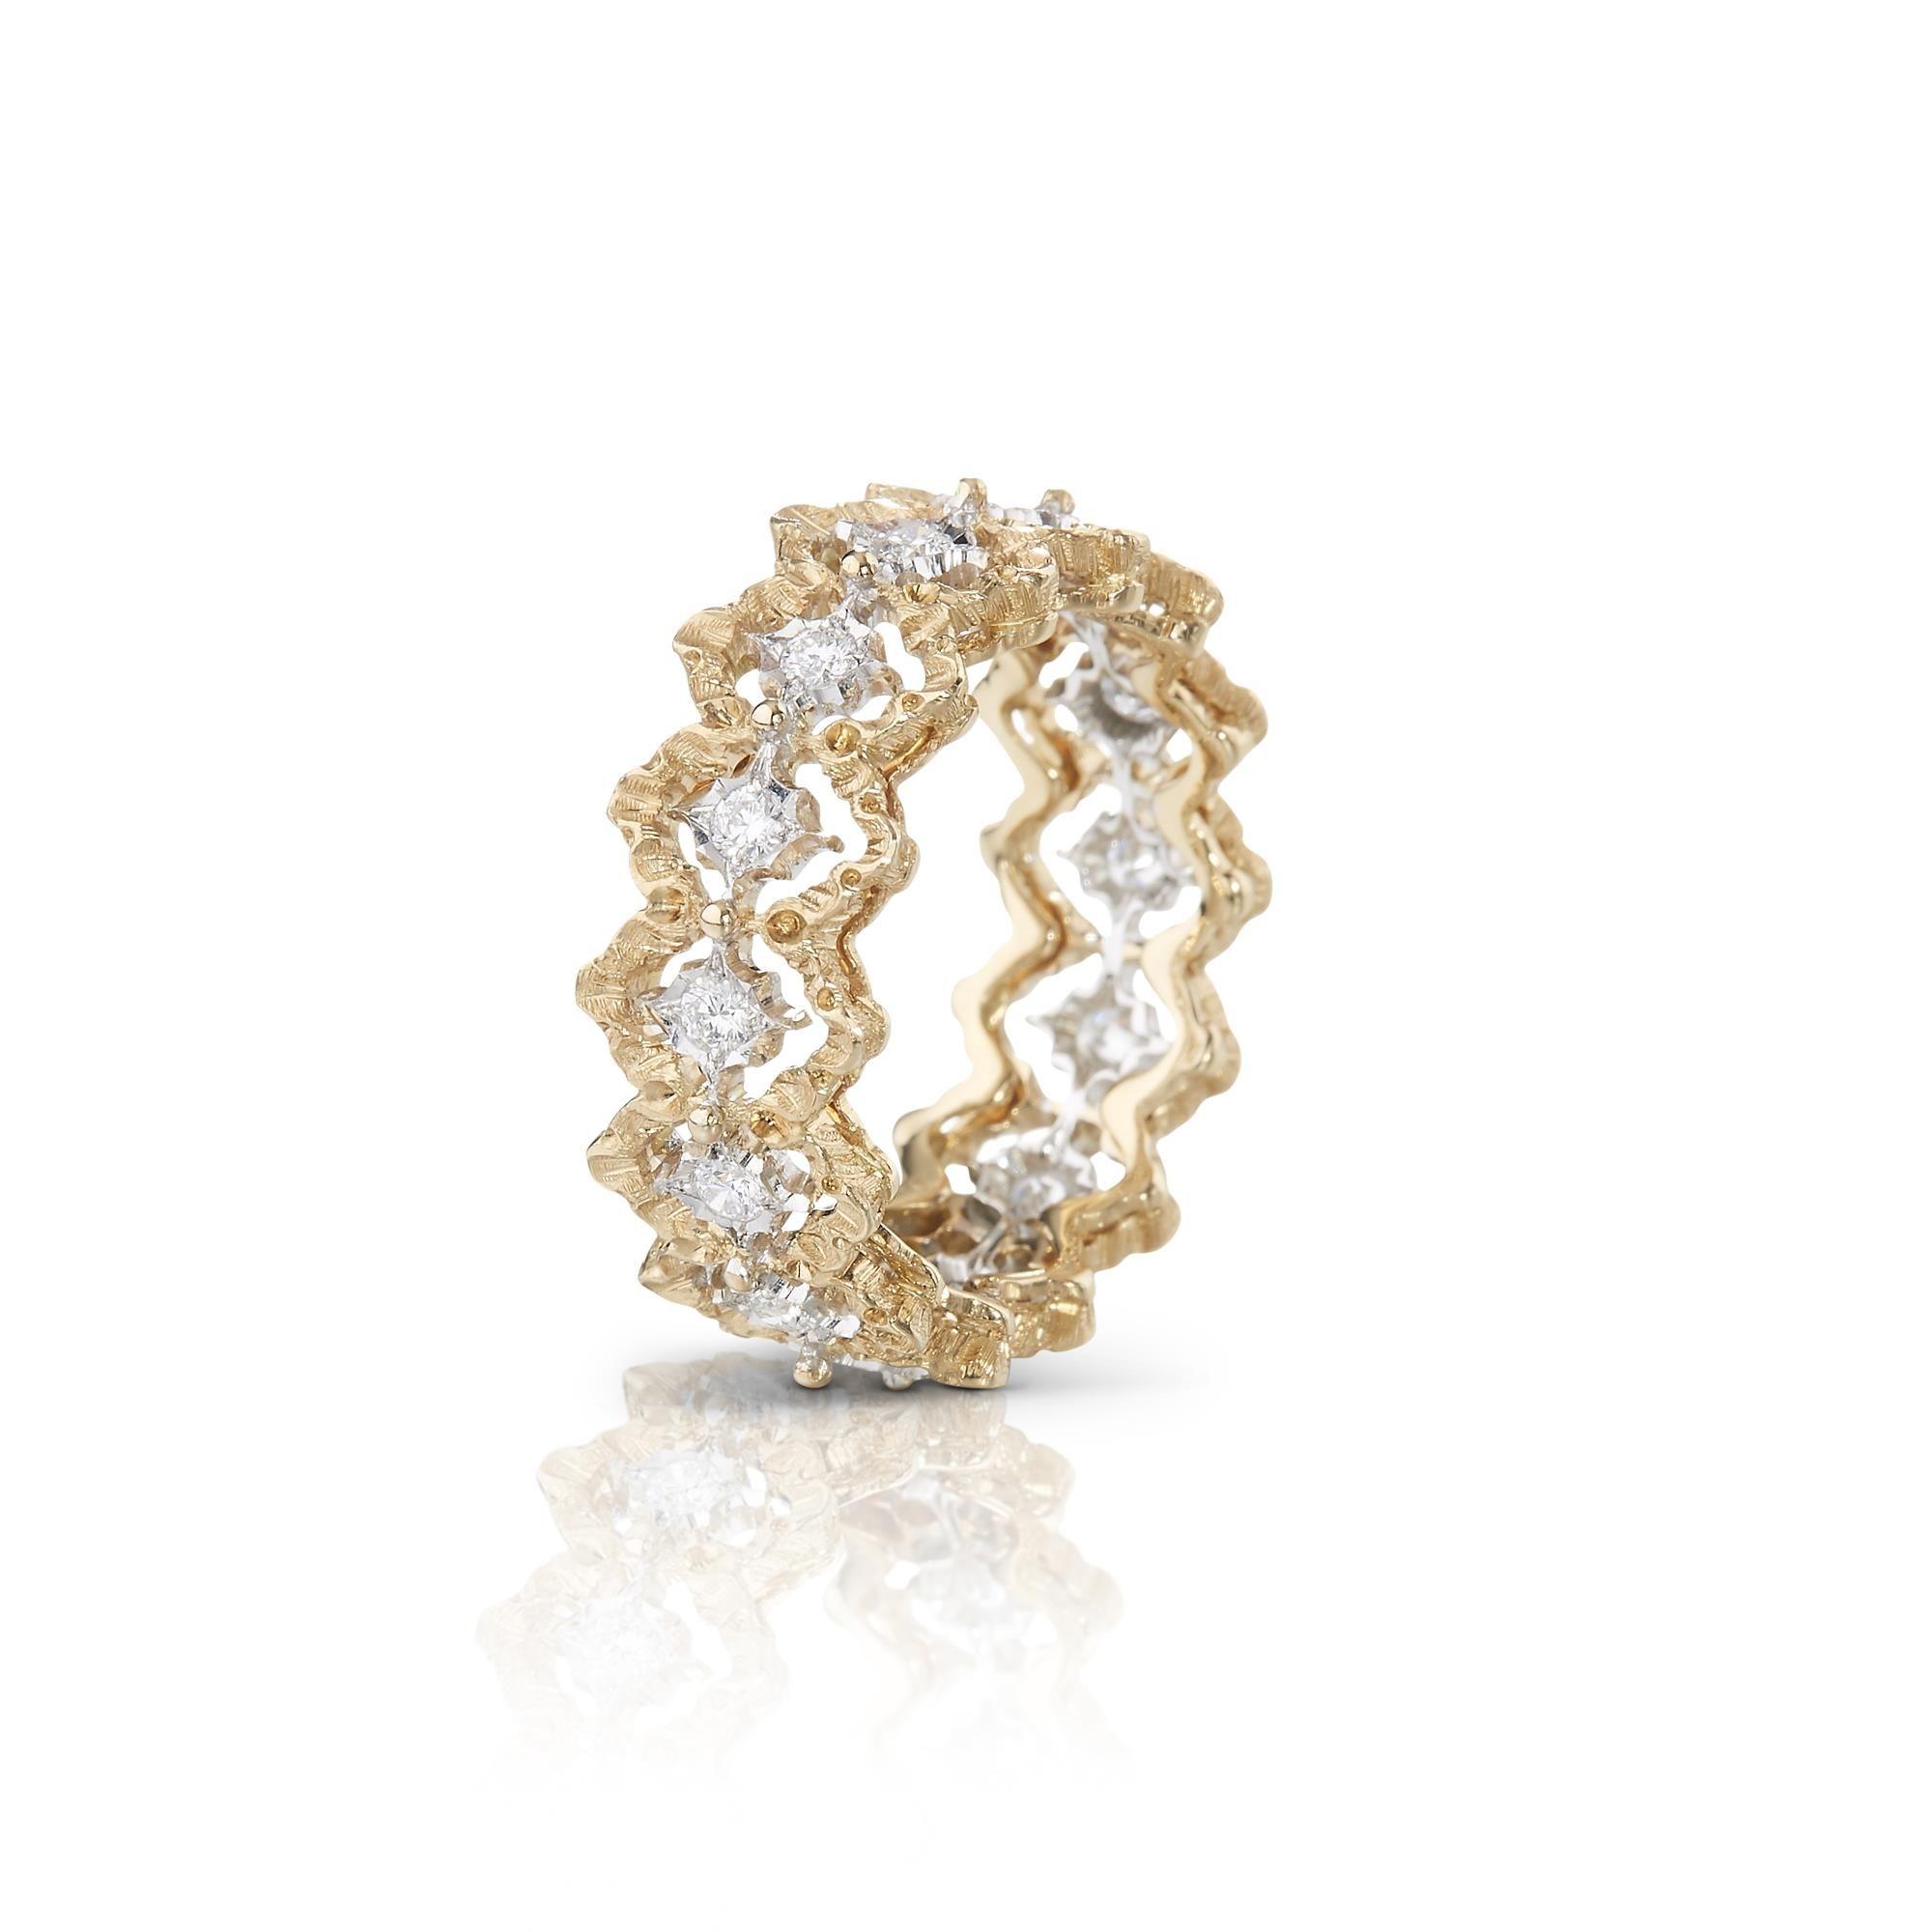 JAUETE015408 eternelle buccellati rombi ring anello buccellati sconto discount